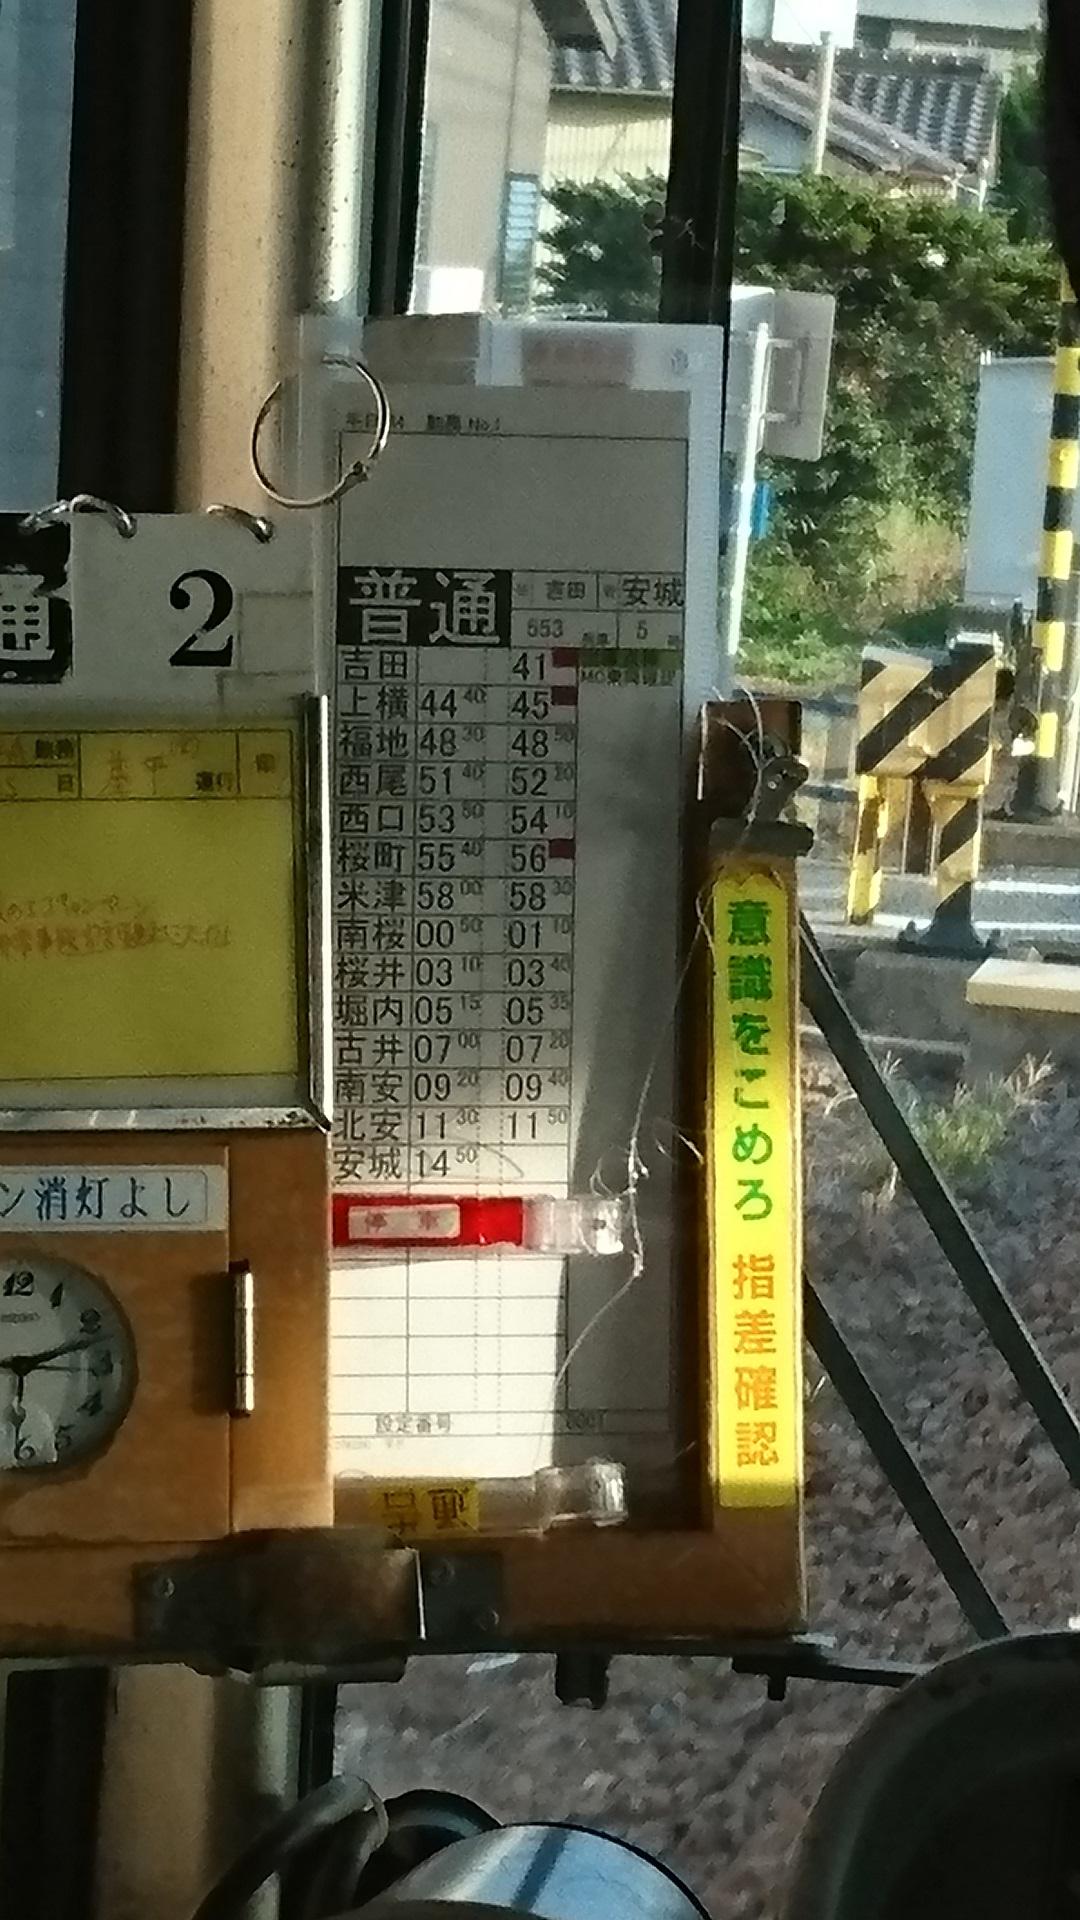 2017.8.25 名古屋 (2) しんあんじょういきふつう - きたあんじょう 1080-1920